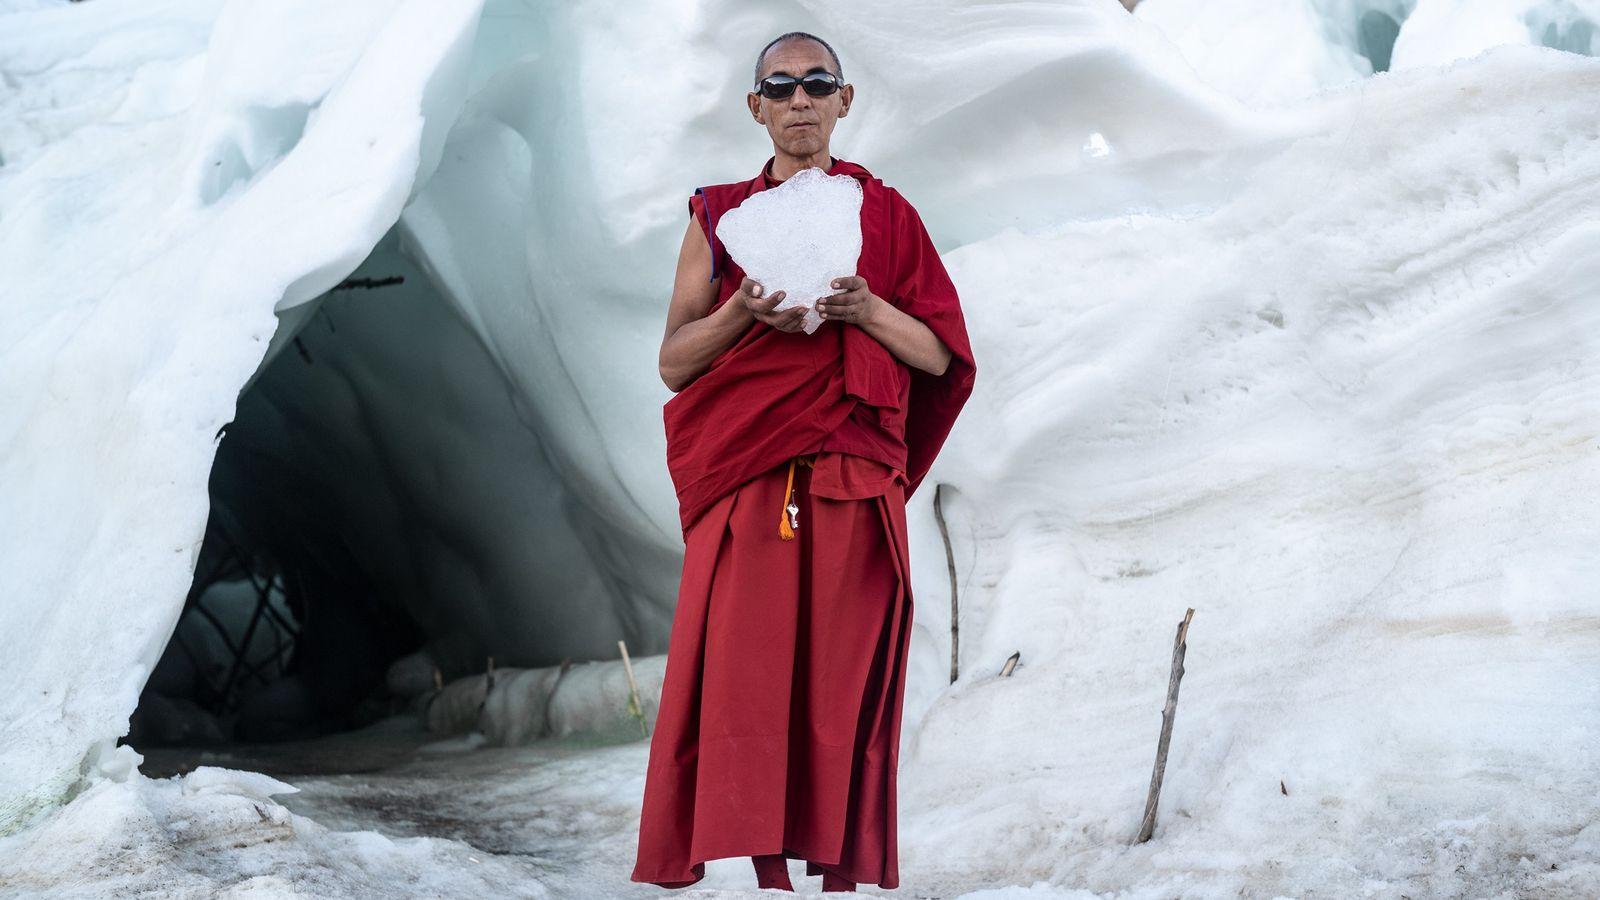 Gyen Rigzen leitet das Kloster im Dorf Phyang. Er hält den Brocken einer Eisstupa, eines buddhistischen ...